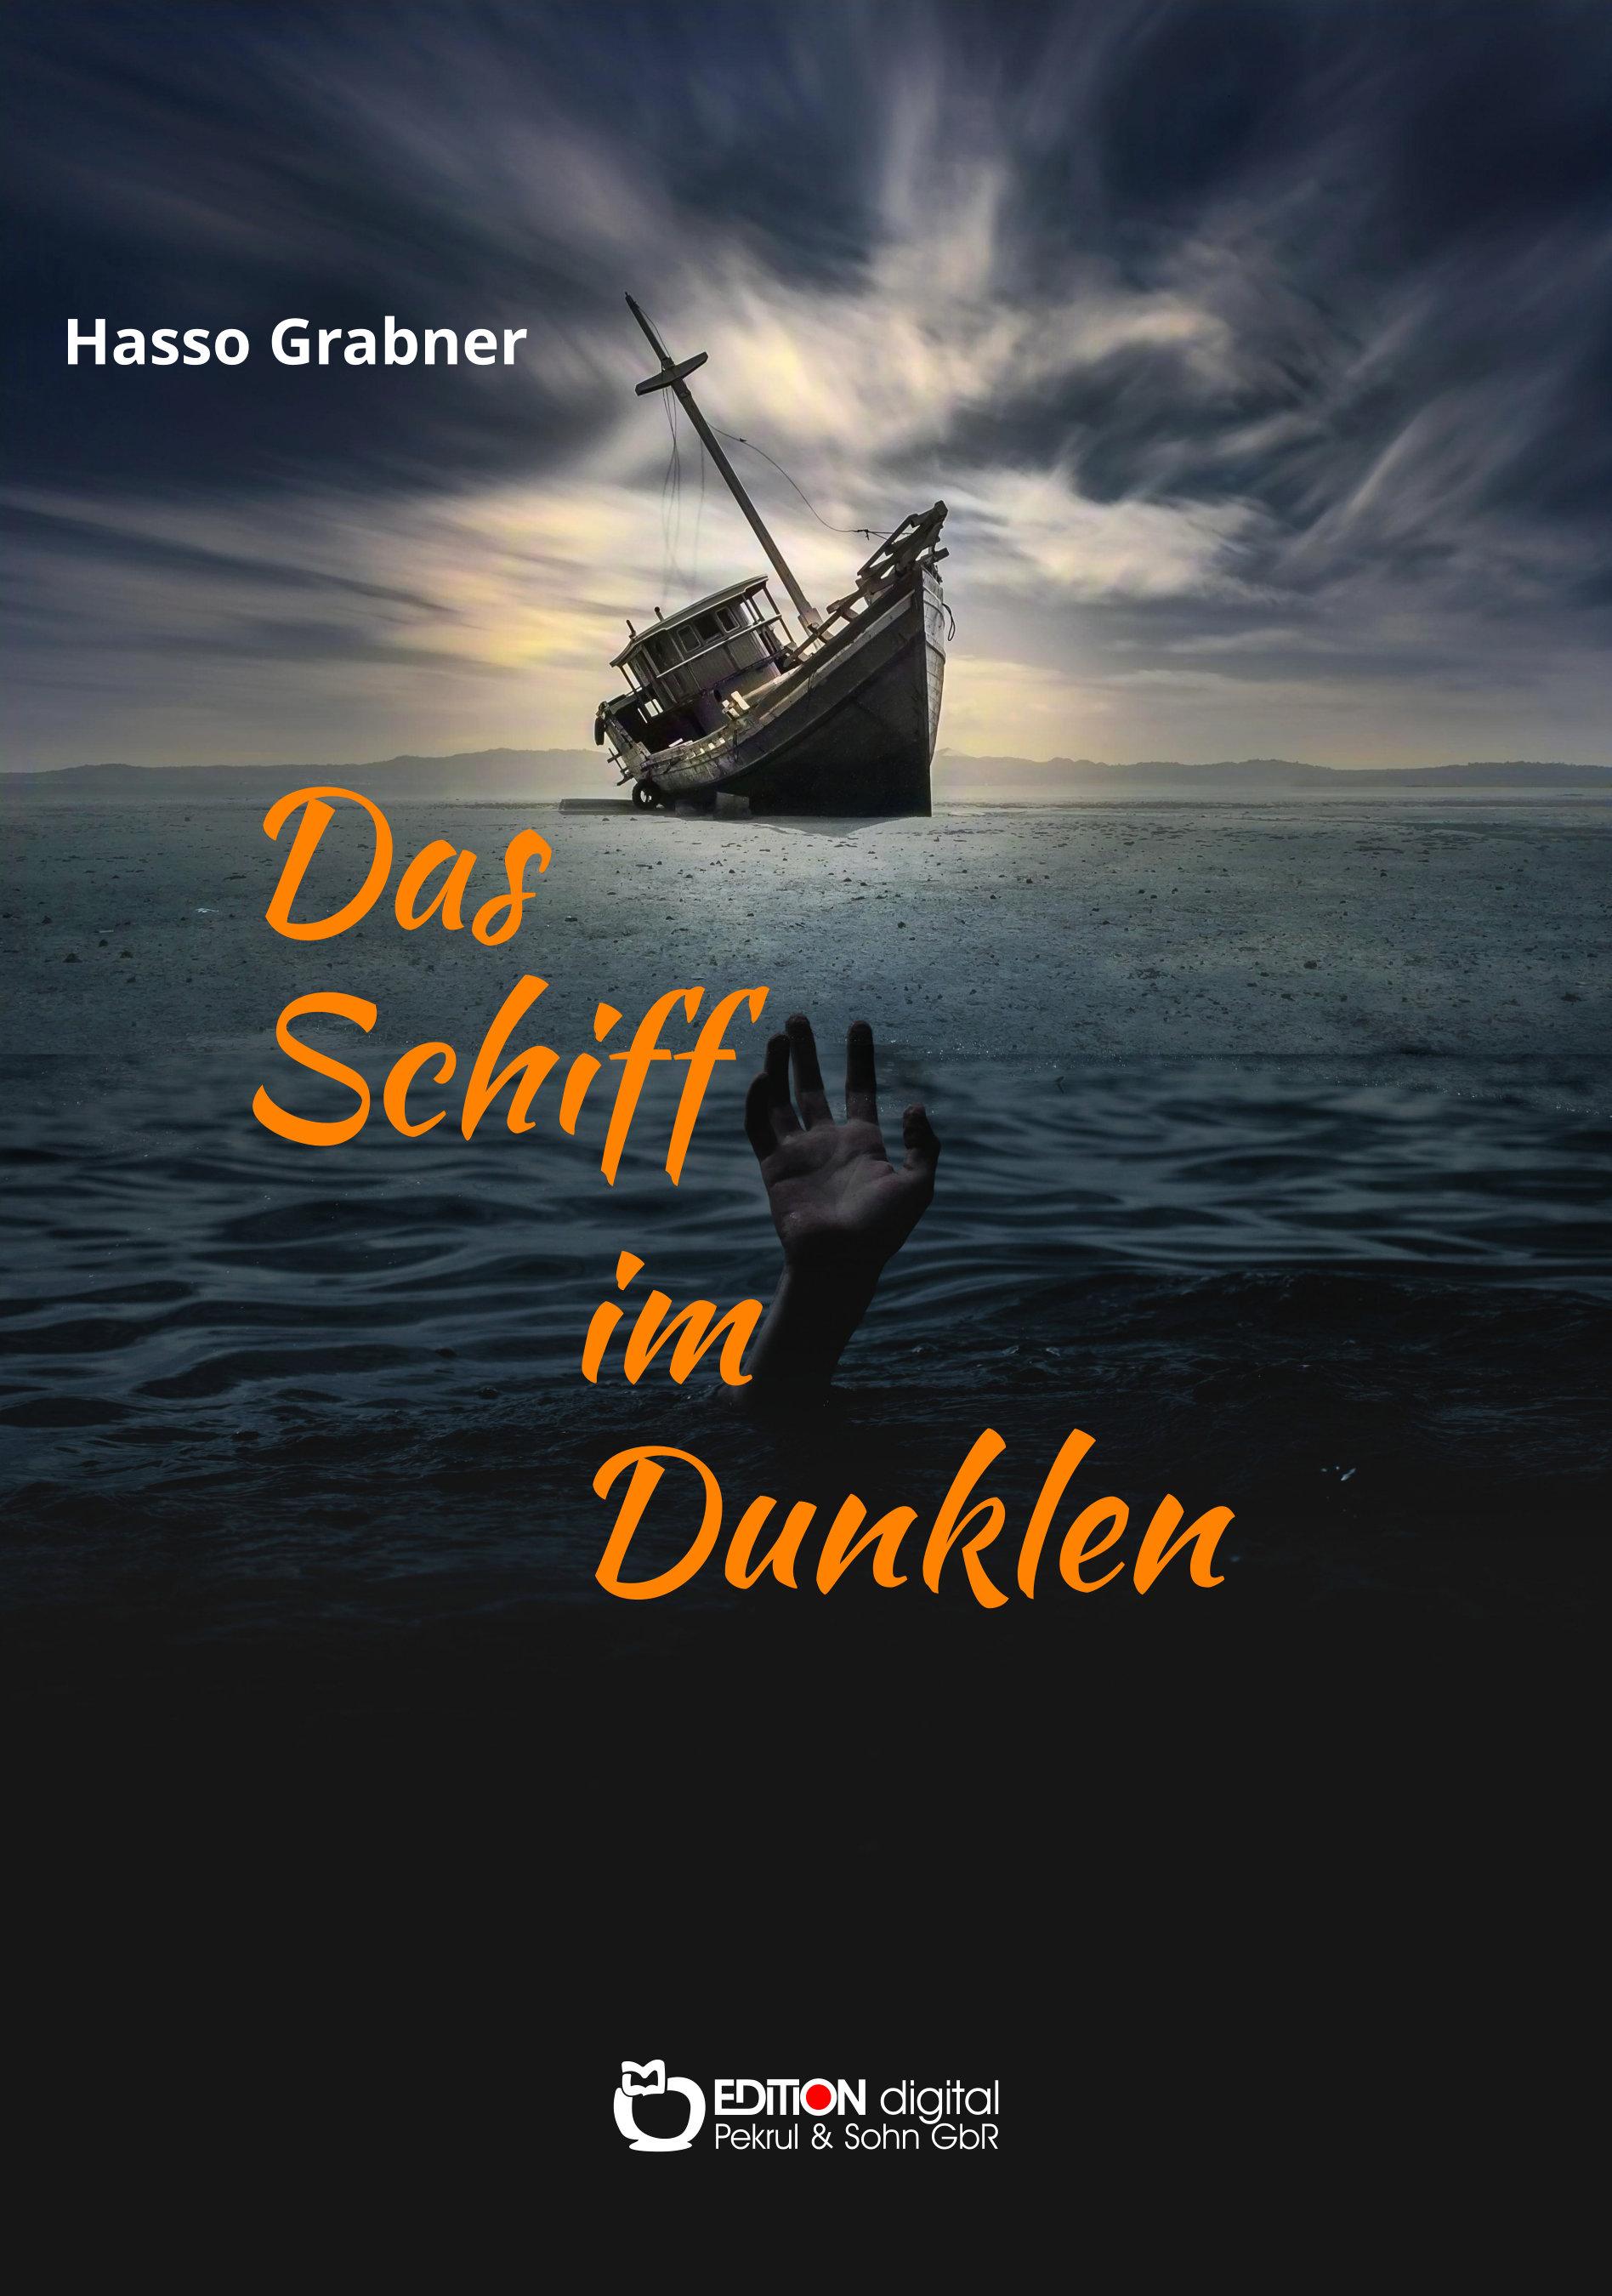 Das Schiff im Dunkeln von Hasso Grabner